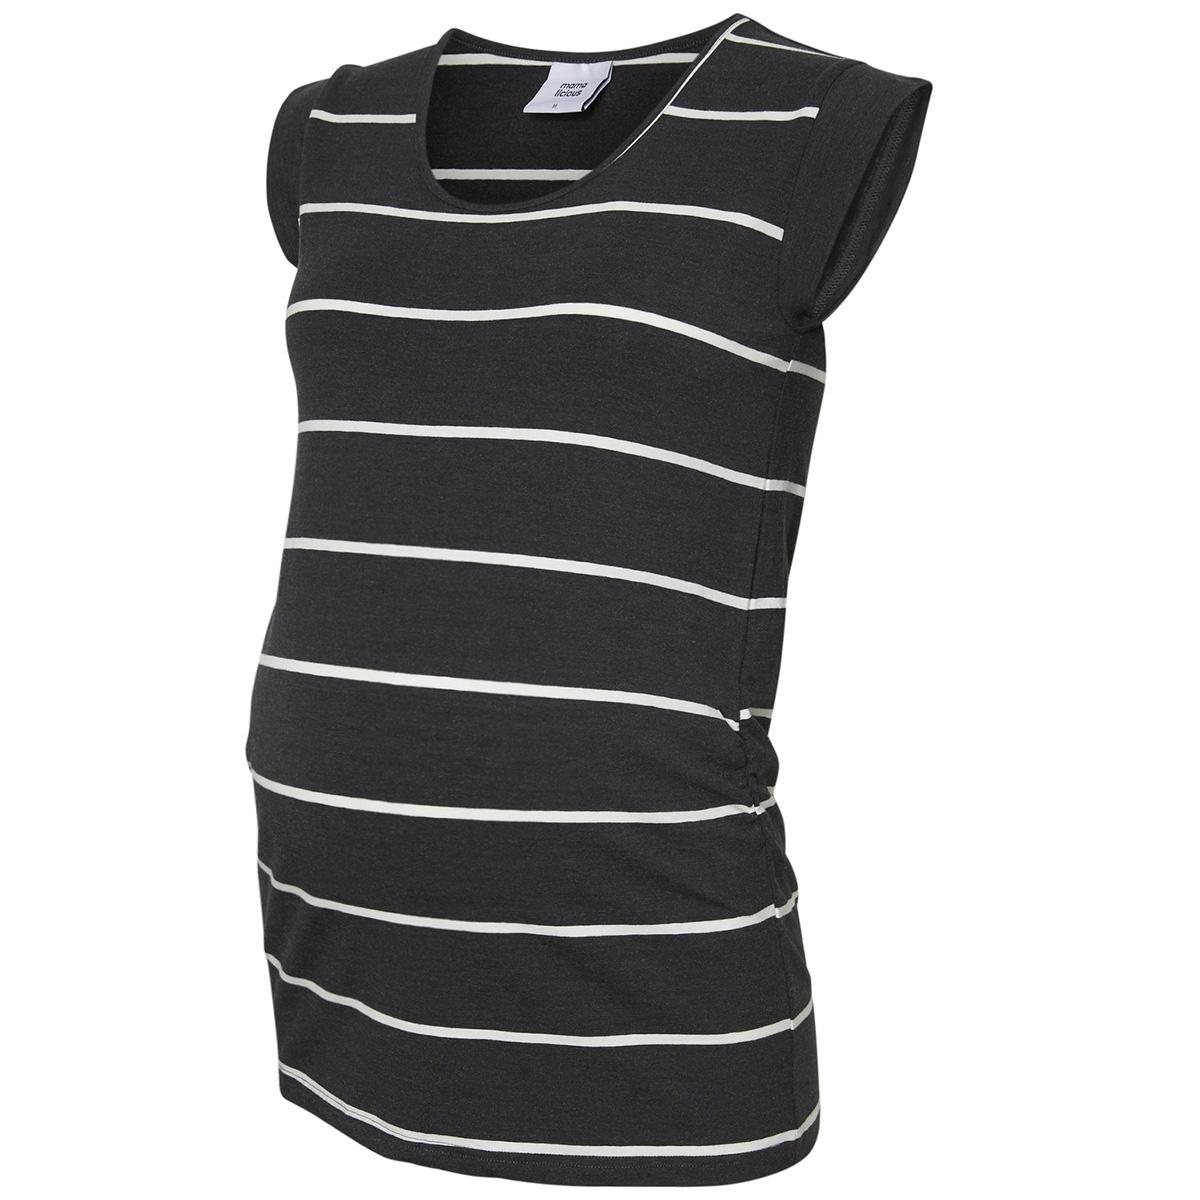 mlally s/s jersey top a. o. noos 20009794 mama-licious positie shirt darrk grey melan/snow white